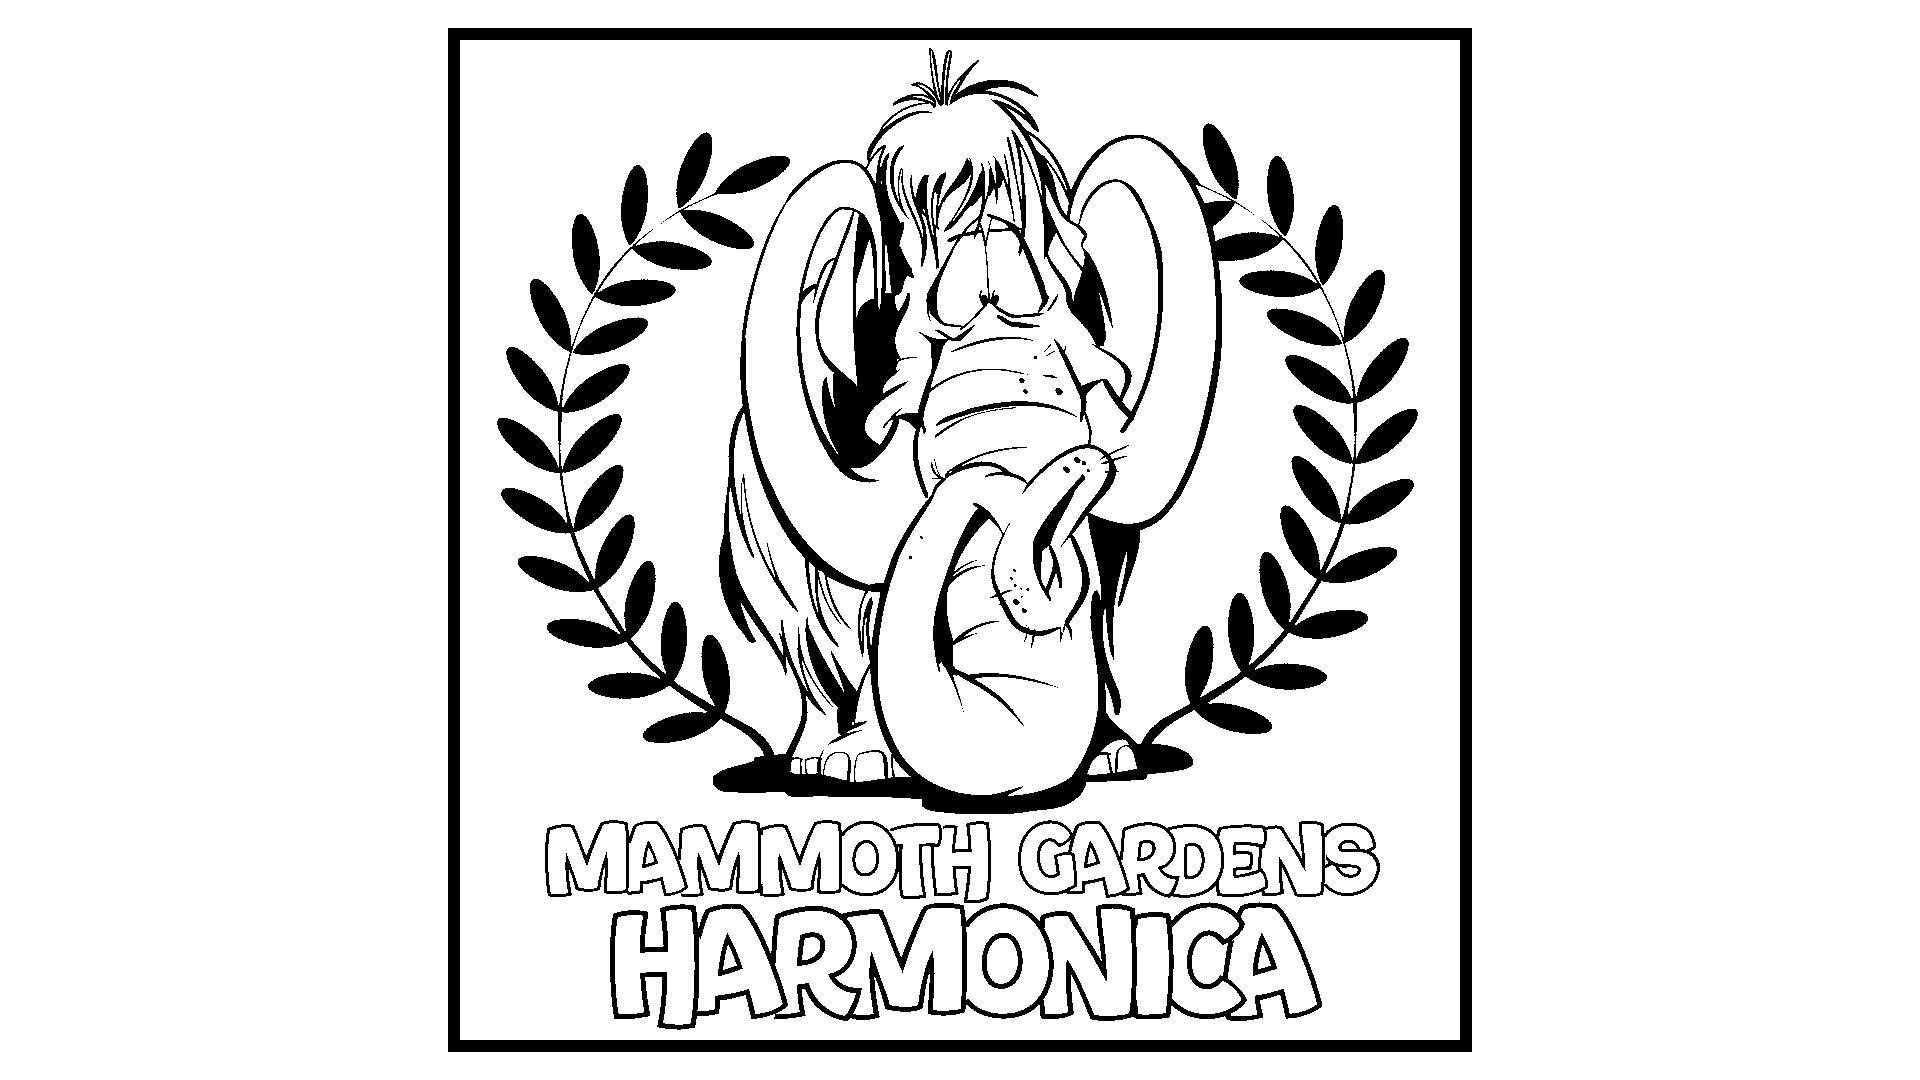 MammothGardensHarmonica